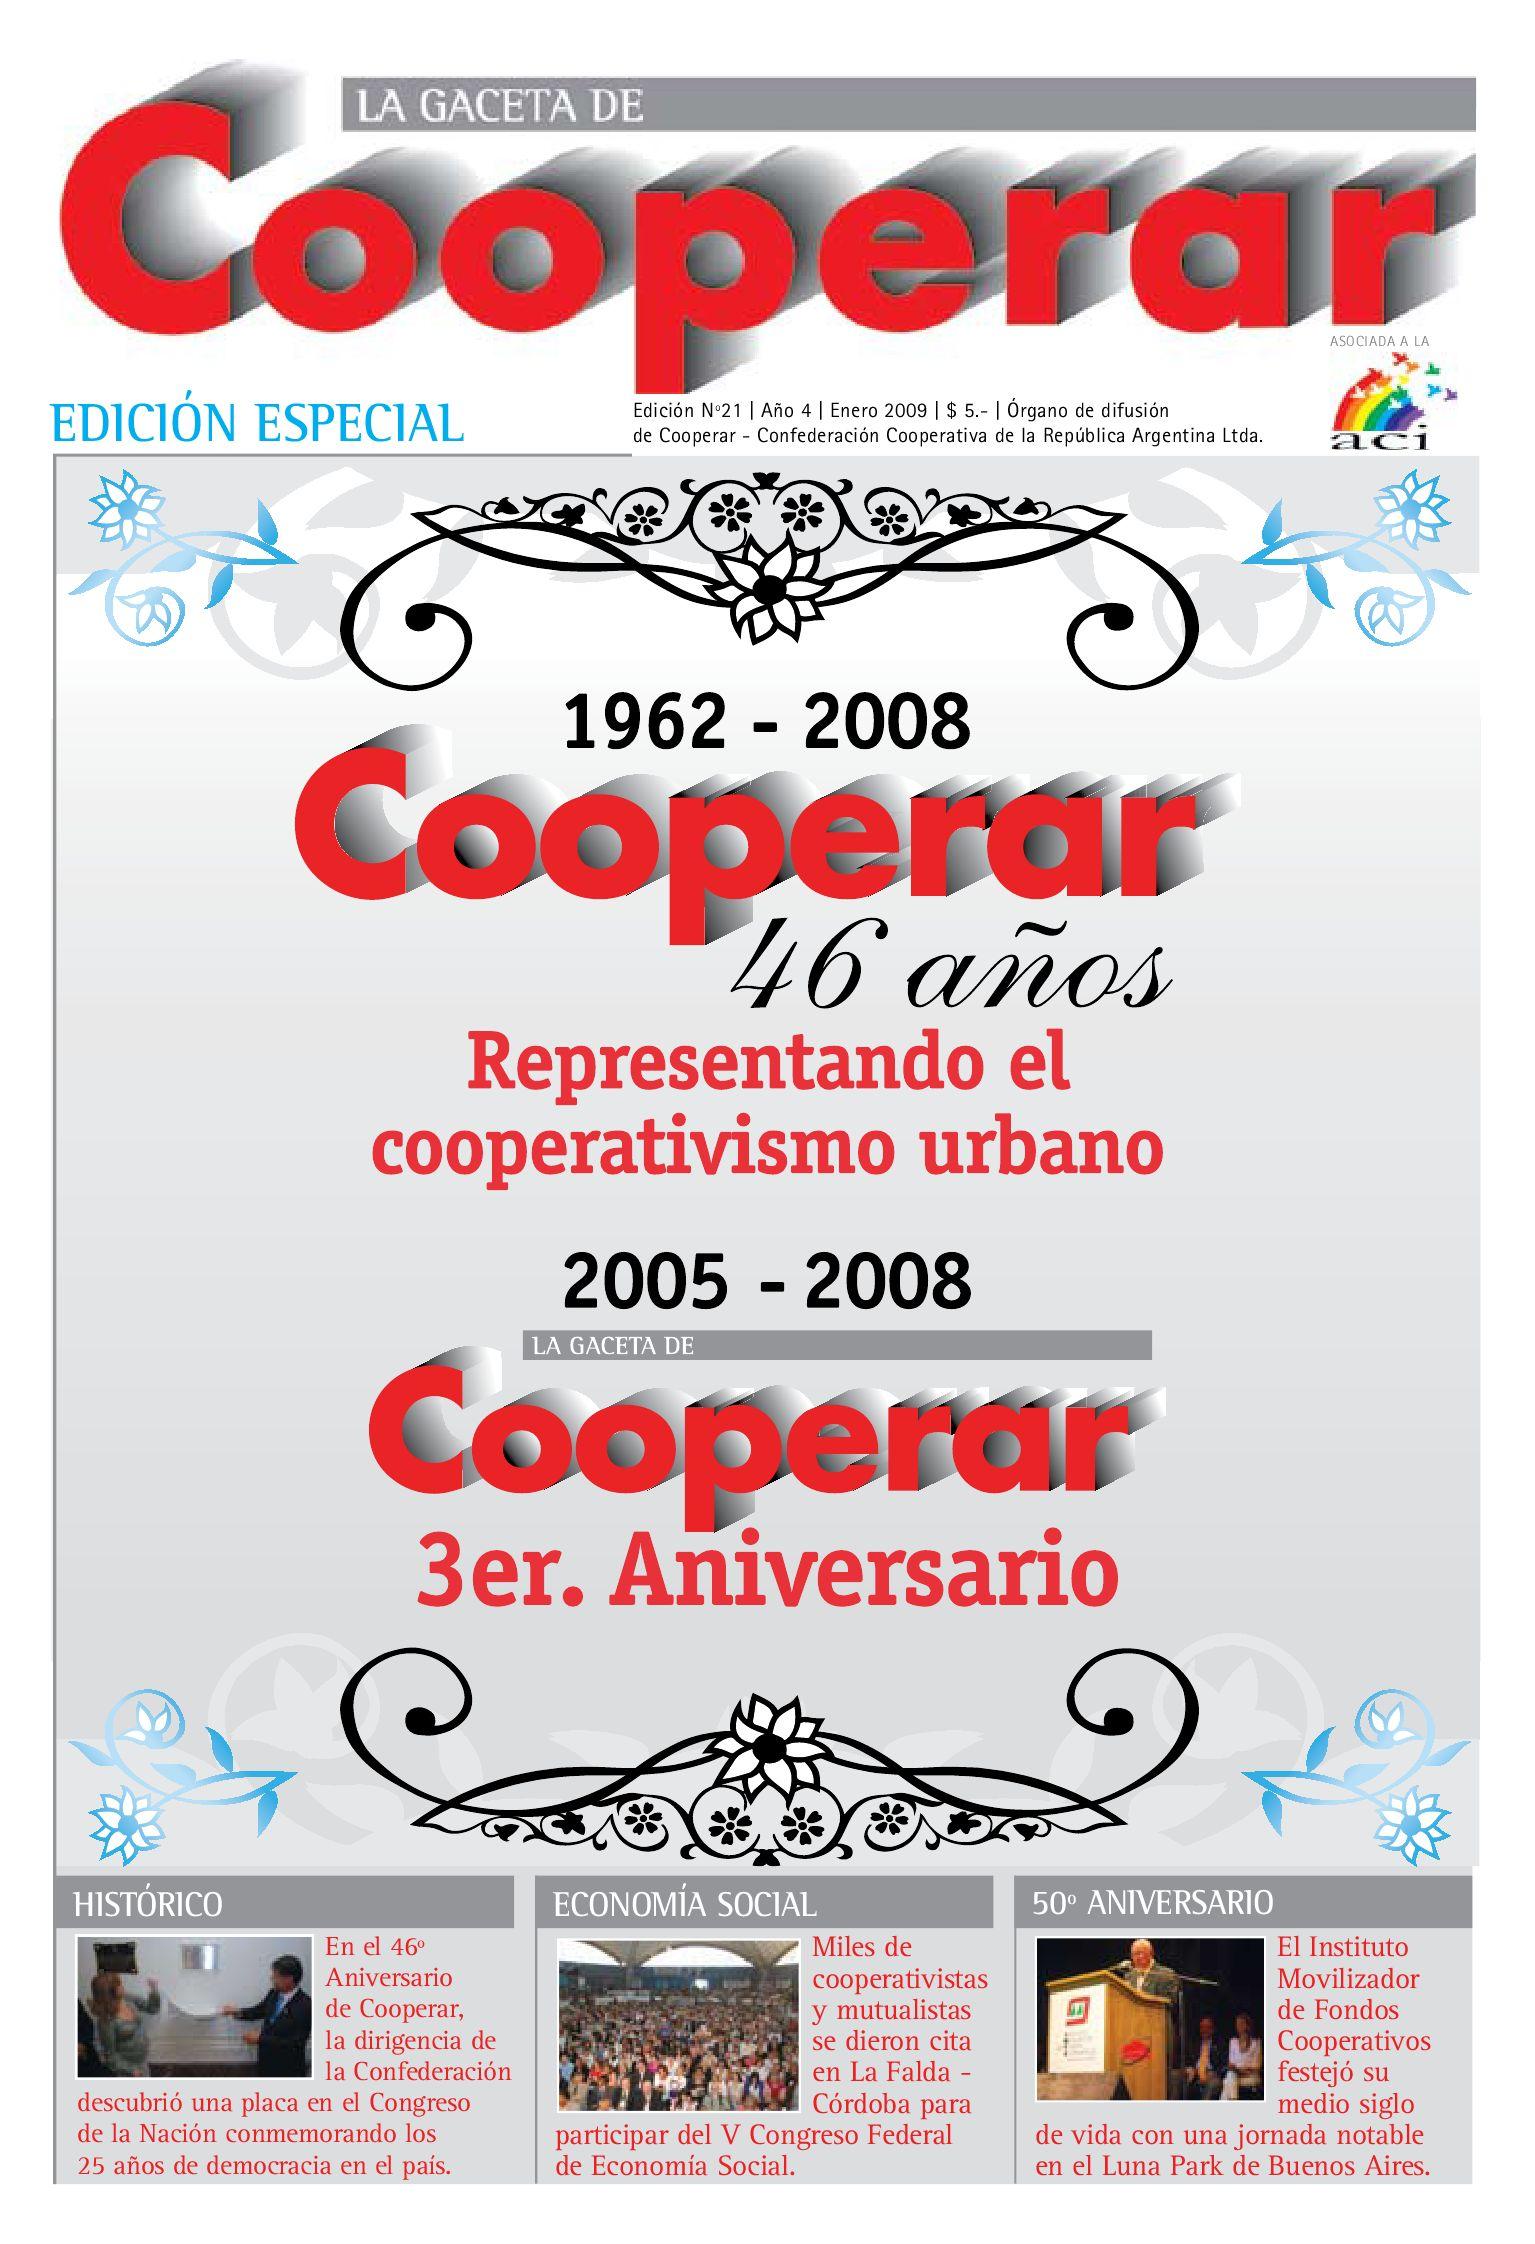 La Gaceta de Cooperar - Edición 21 by Cooperar - issuu